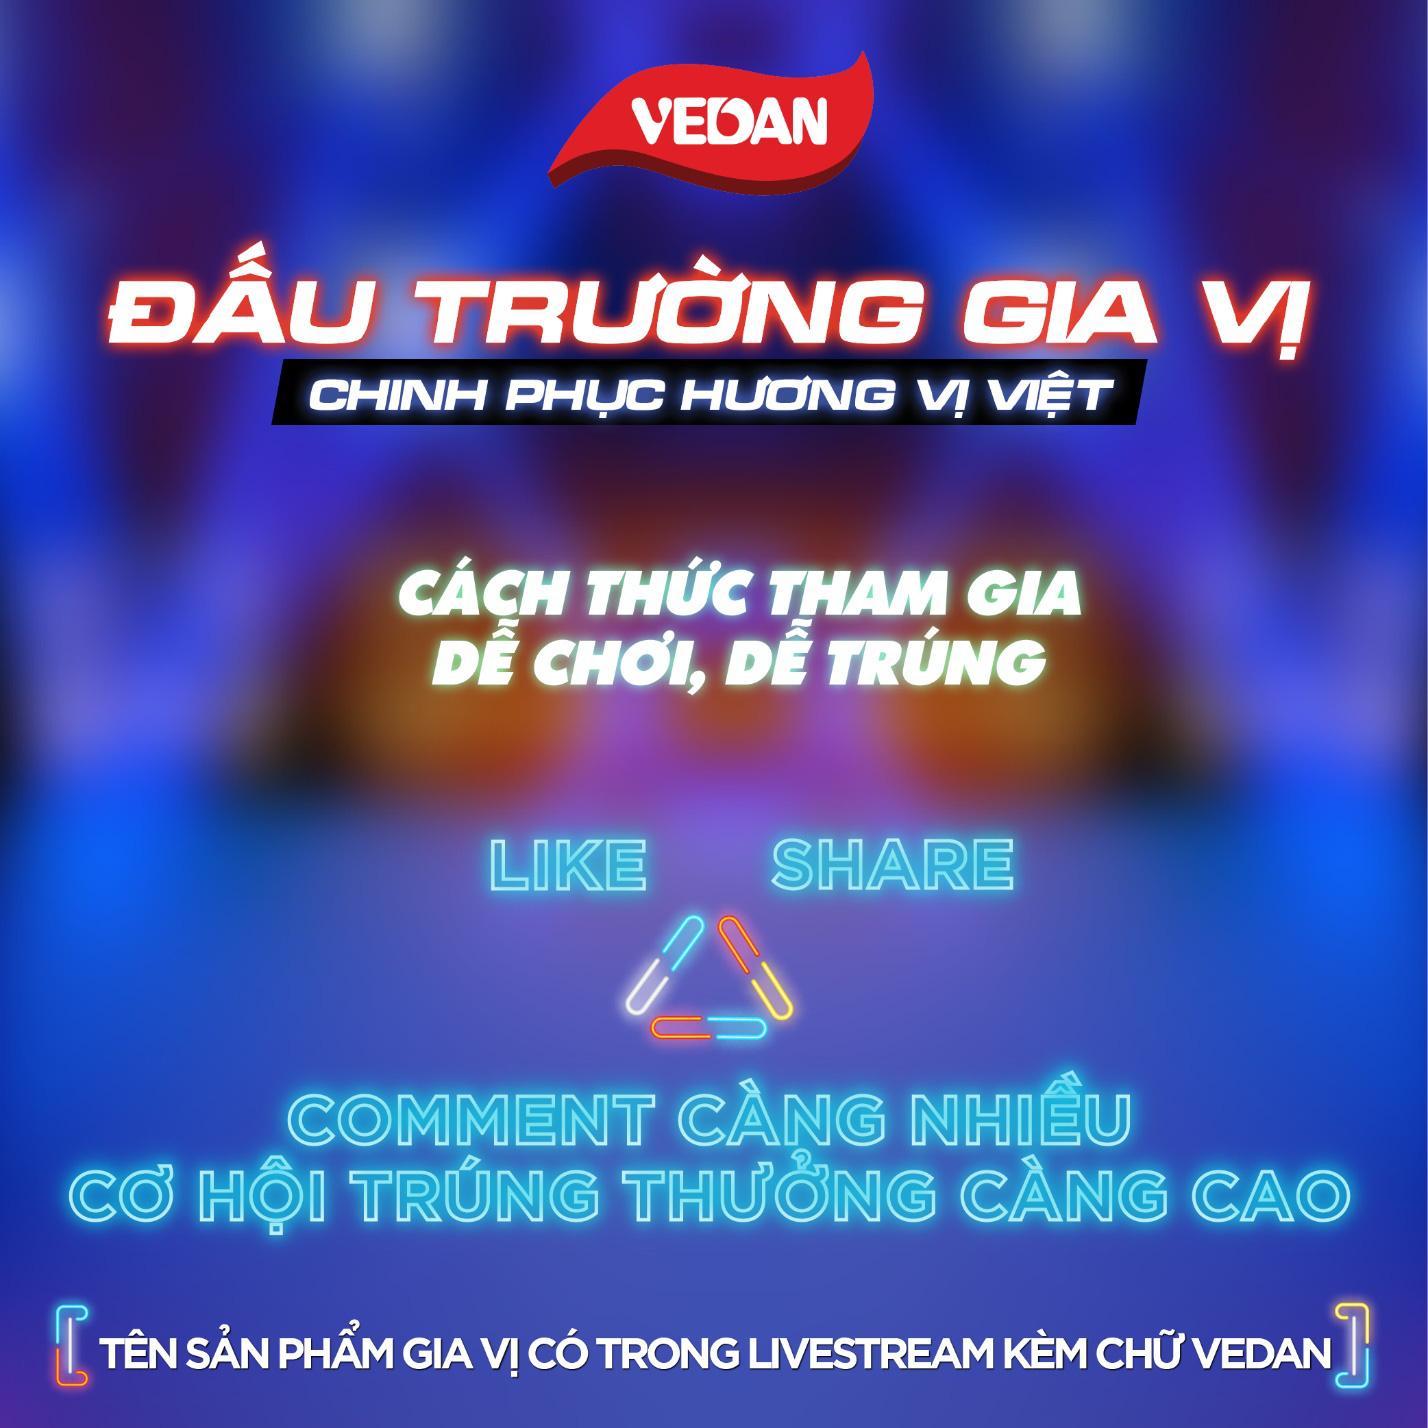 """45 phút tham gia Đấu trường gia vị Vedan, cơ hội """"rinh"""" giải thưởng tiền mặt đến 100 triệu đồng! - Ảnh 3."""